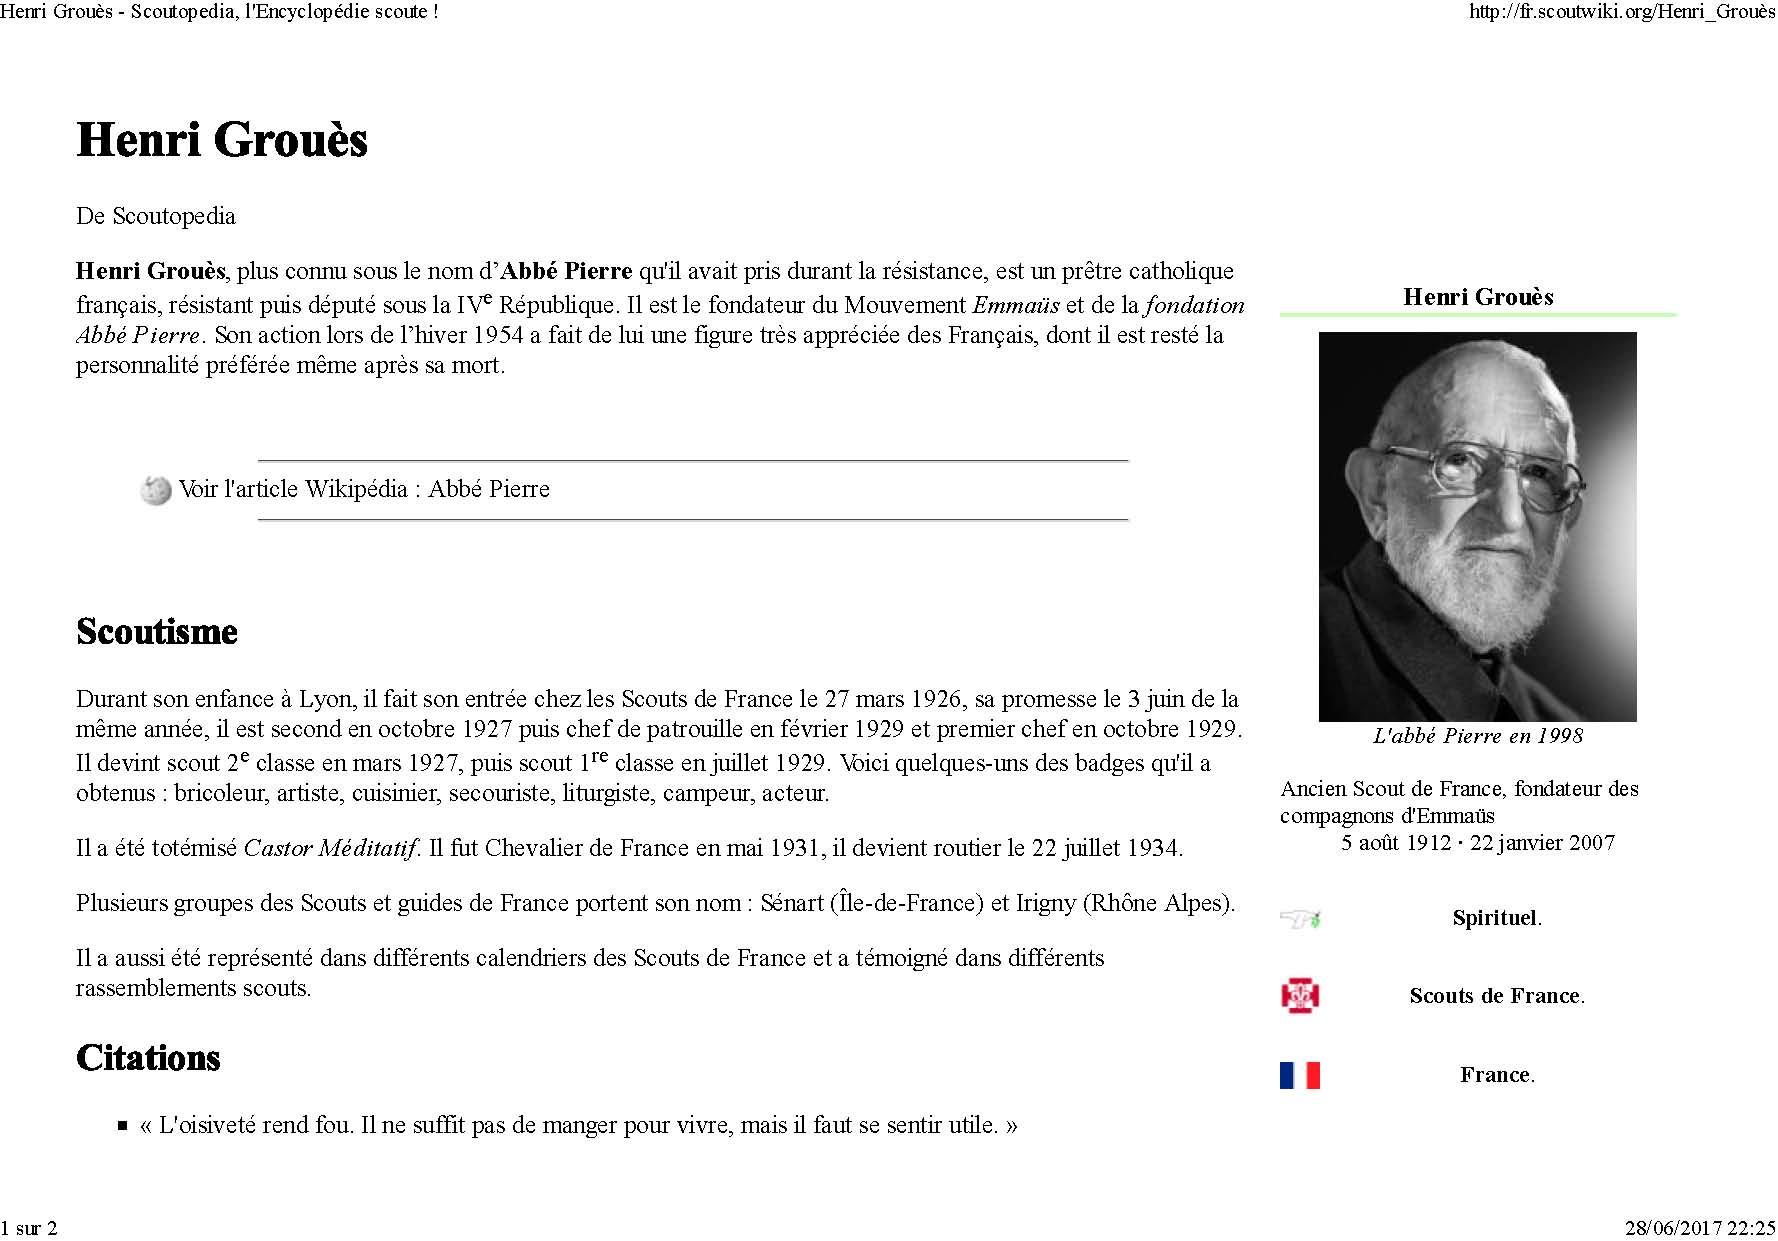 Henri groues scoutopedia l encyclopedie scoute page 1